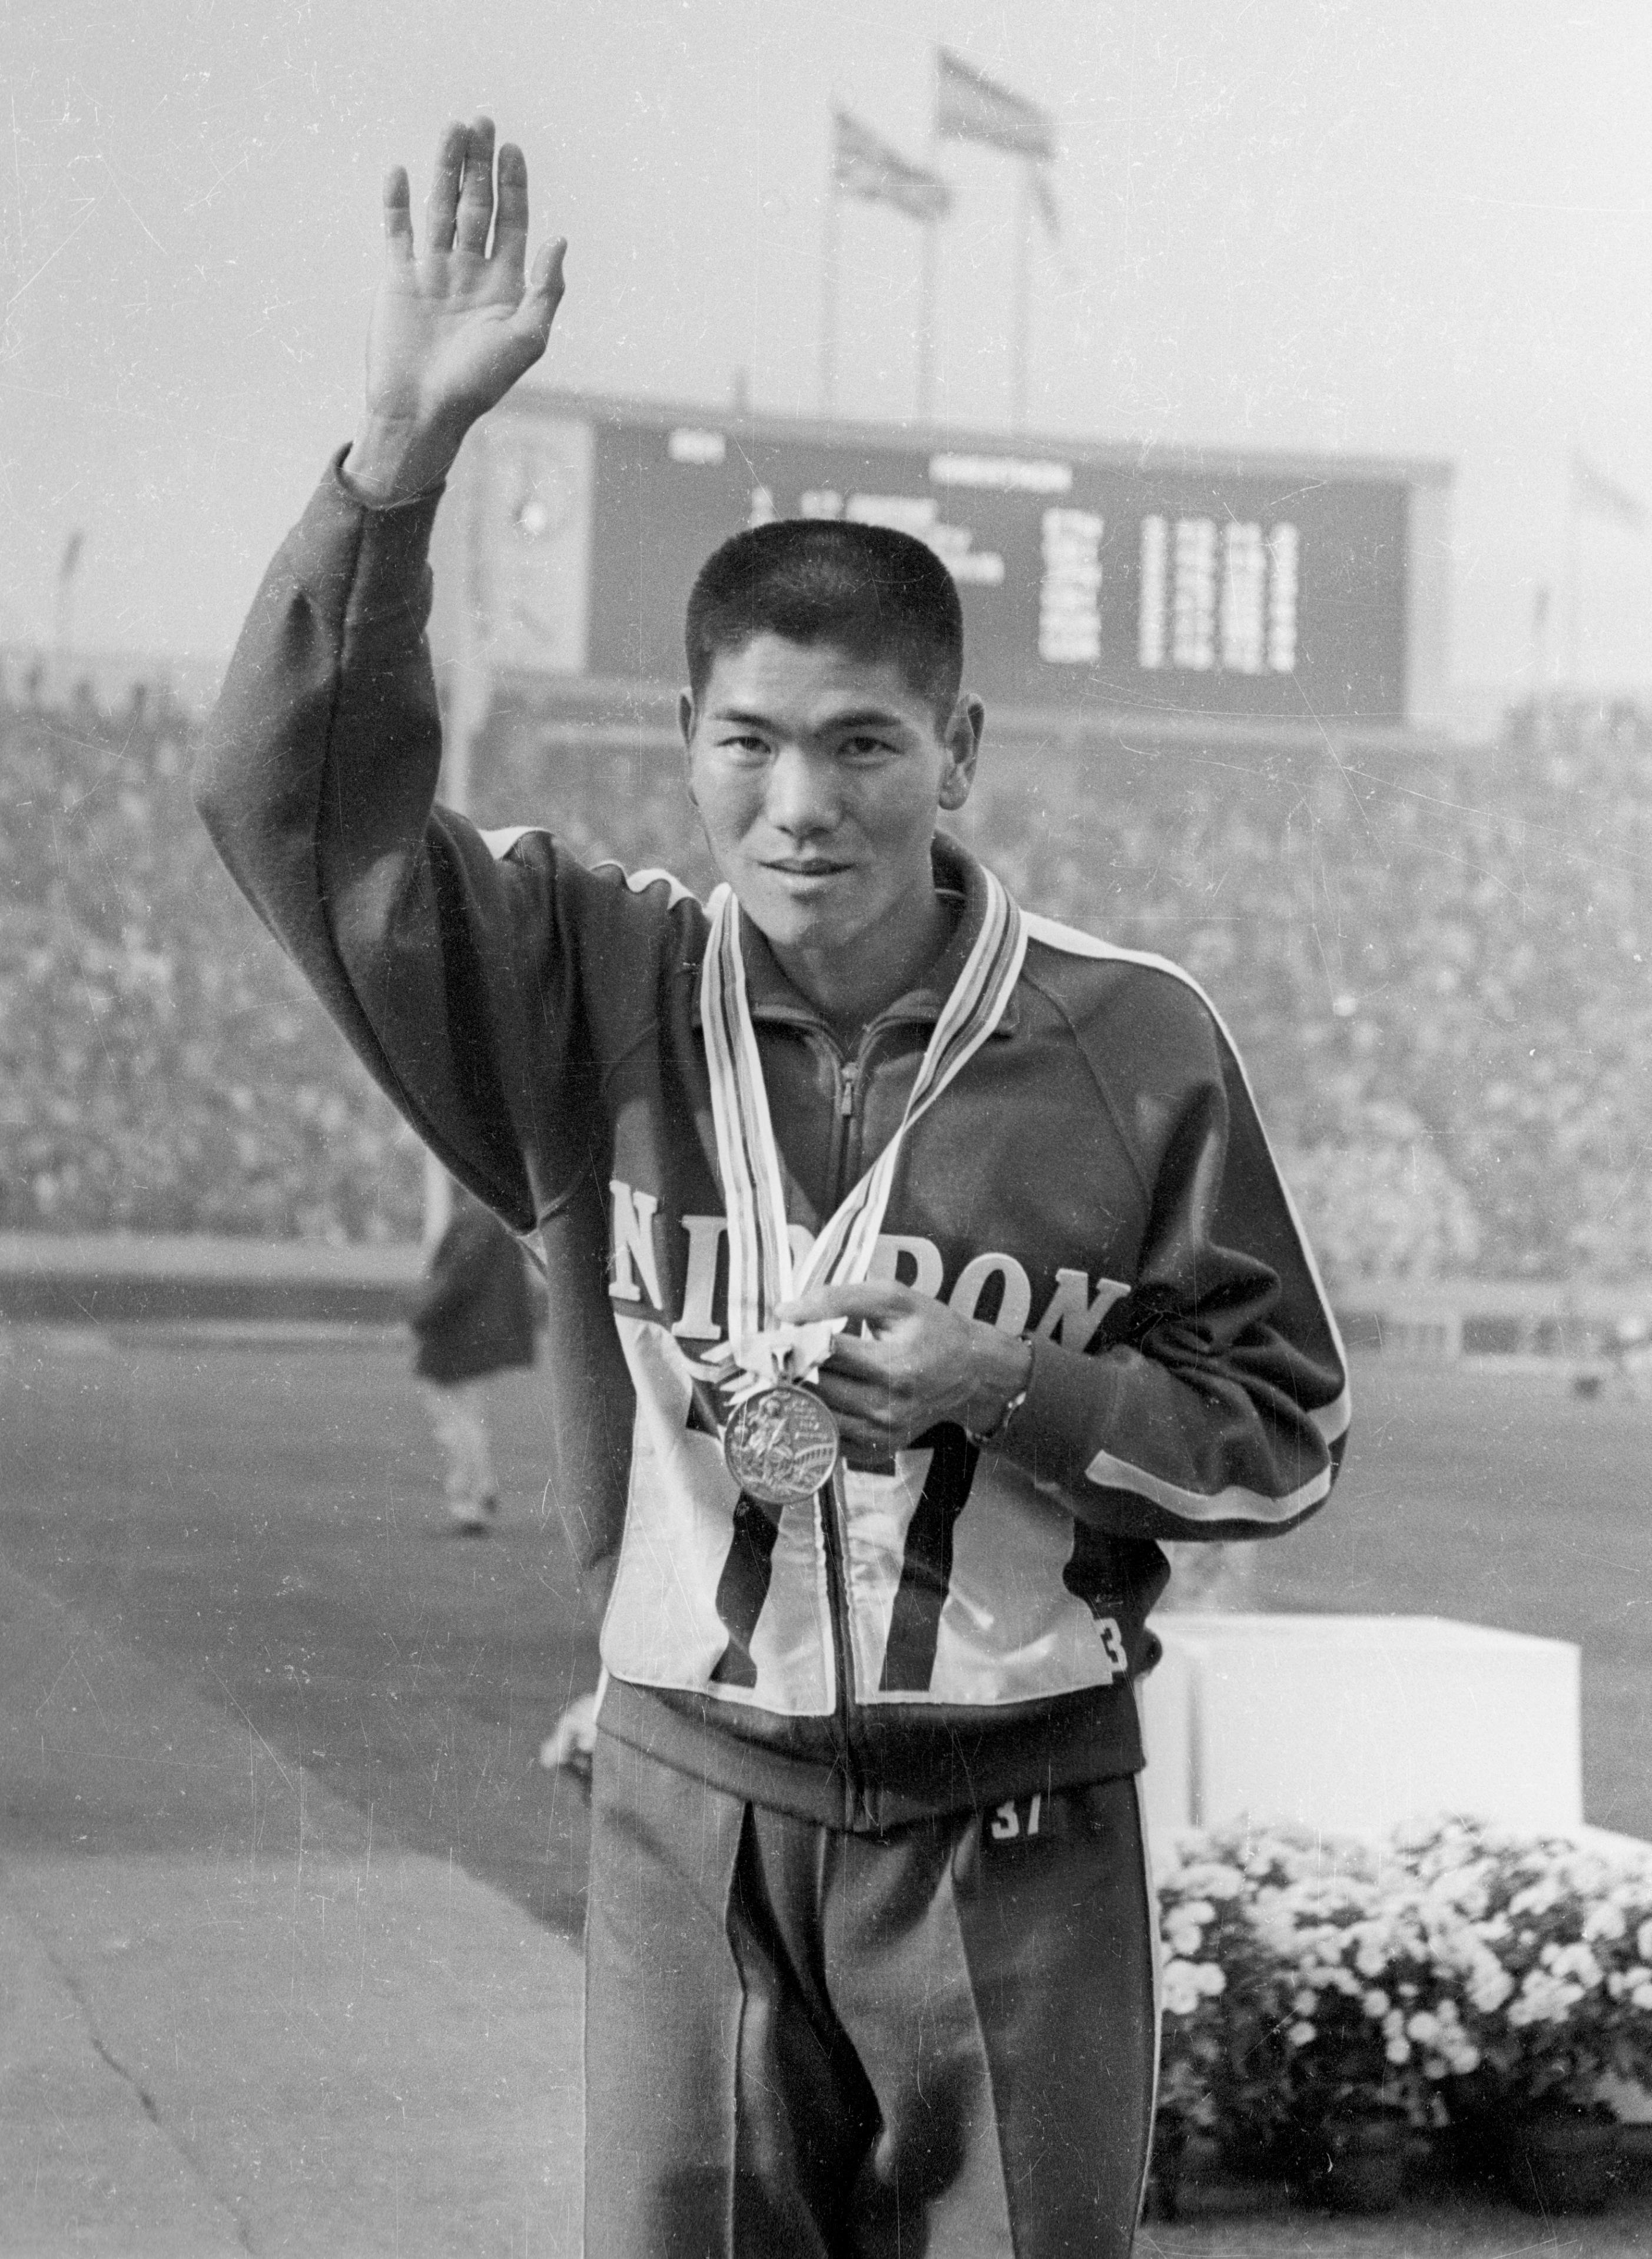 1964年10月21日、マラソンで3位になり、陸上では戦後初のメダルを手にする円谷幸吉選手